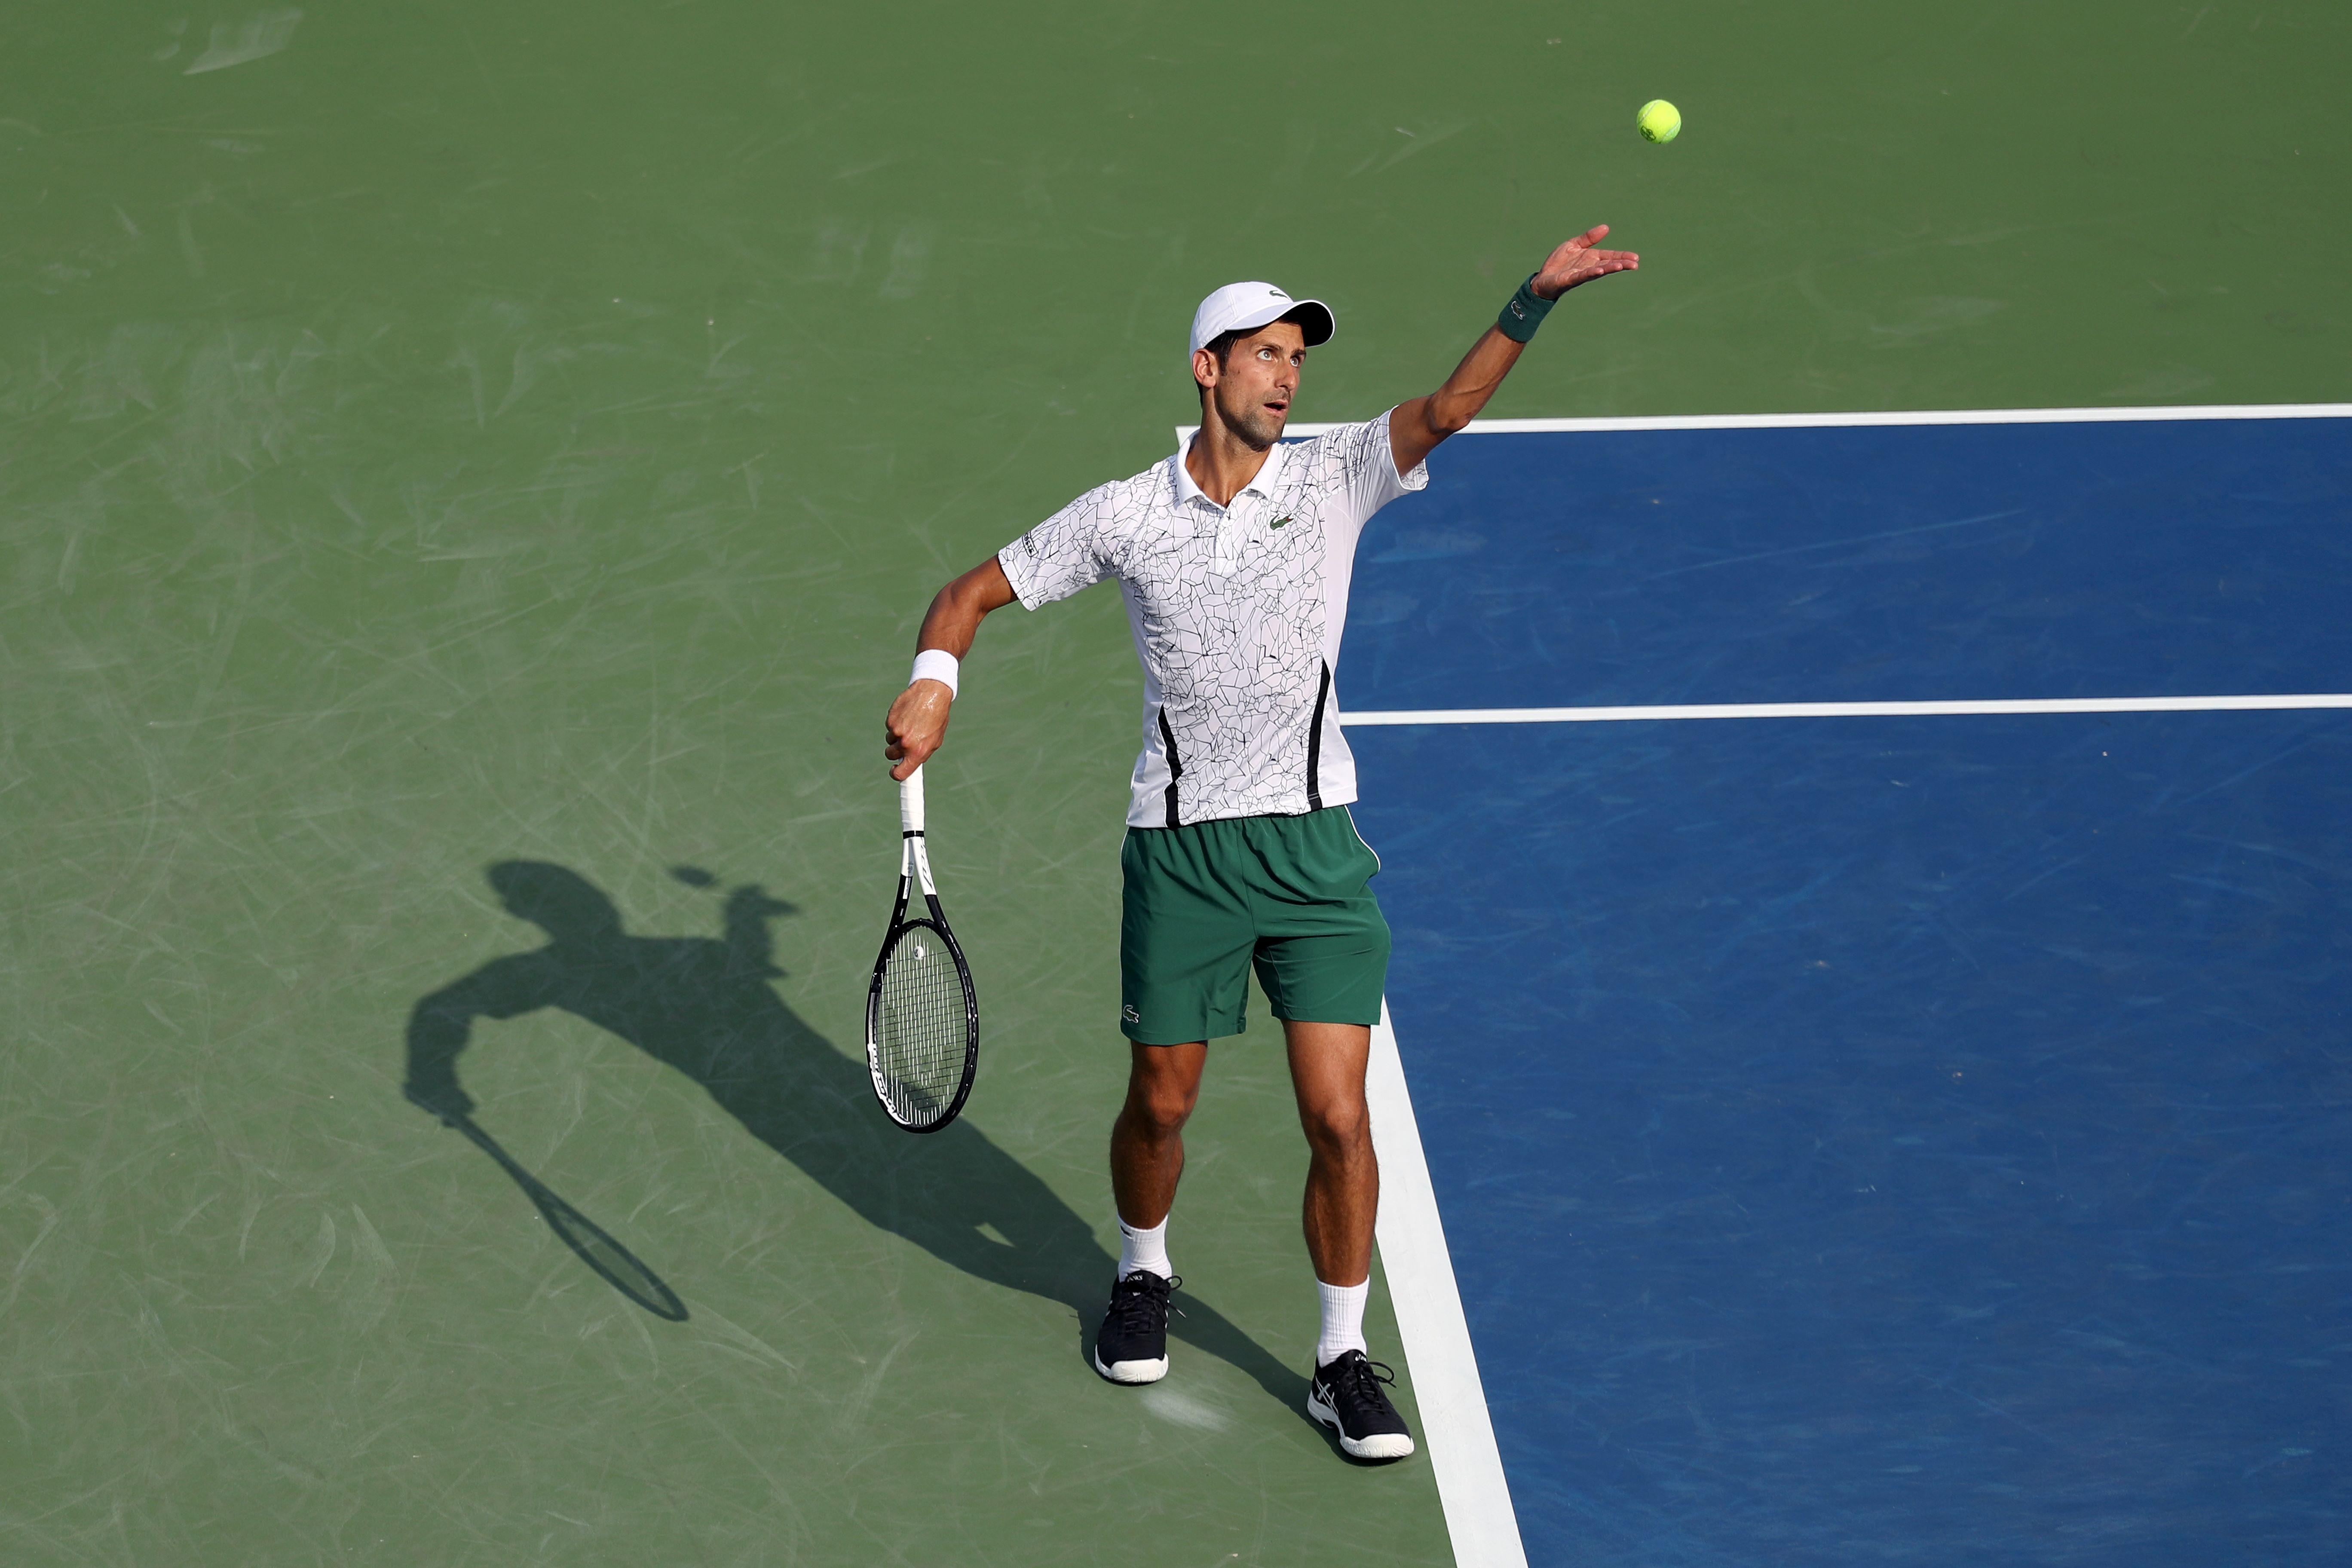 Djokovic vence título que faltava em Masters 1000